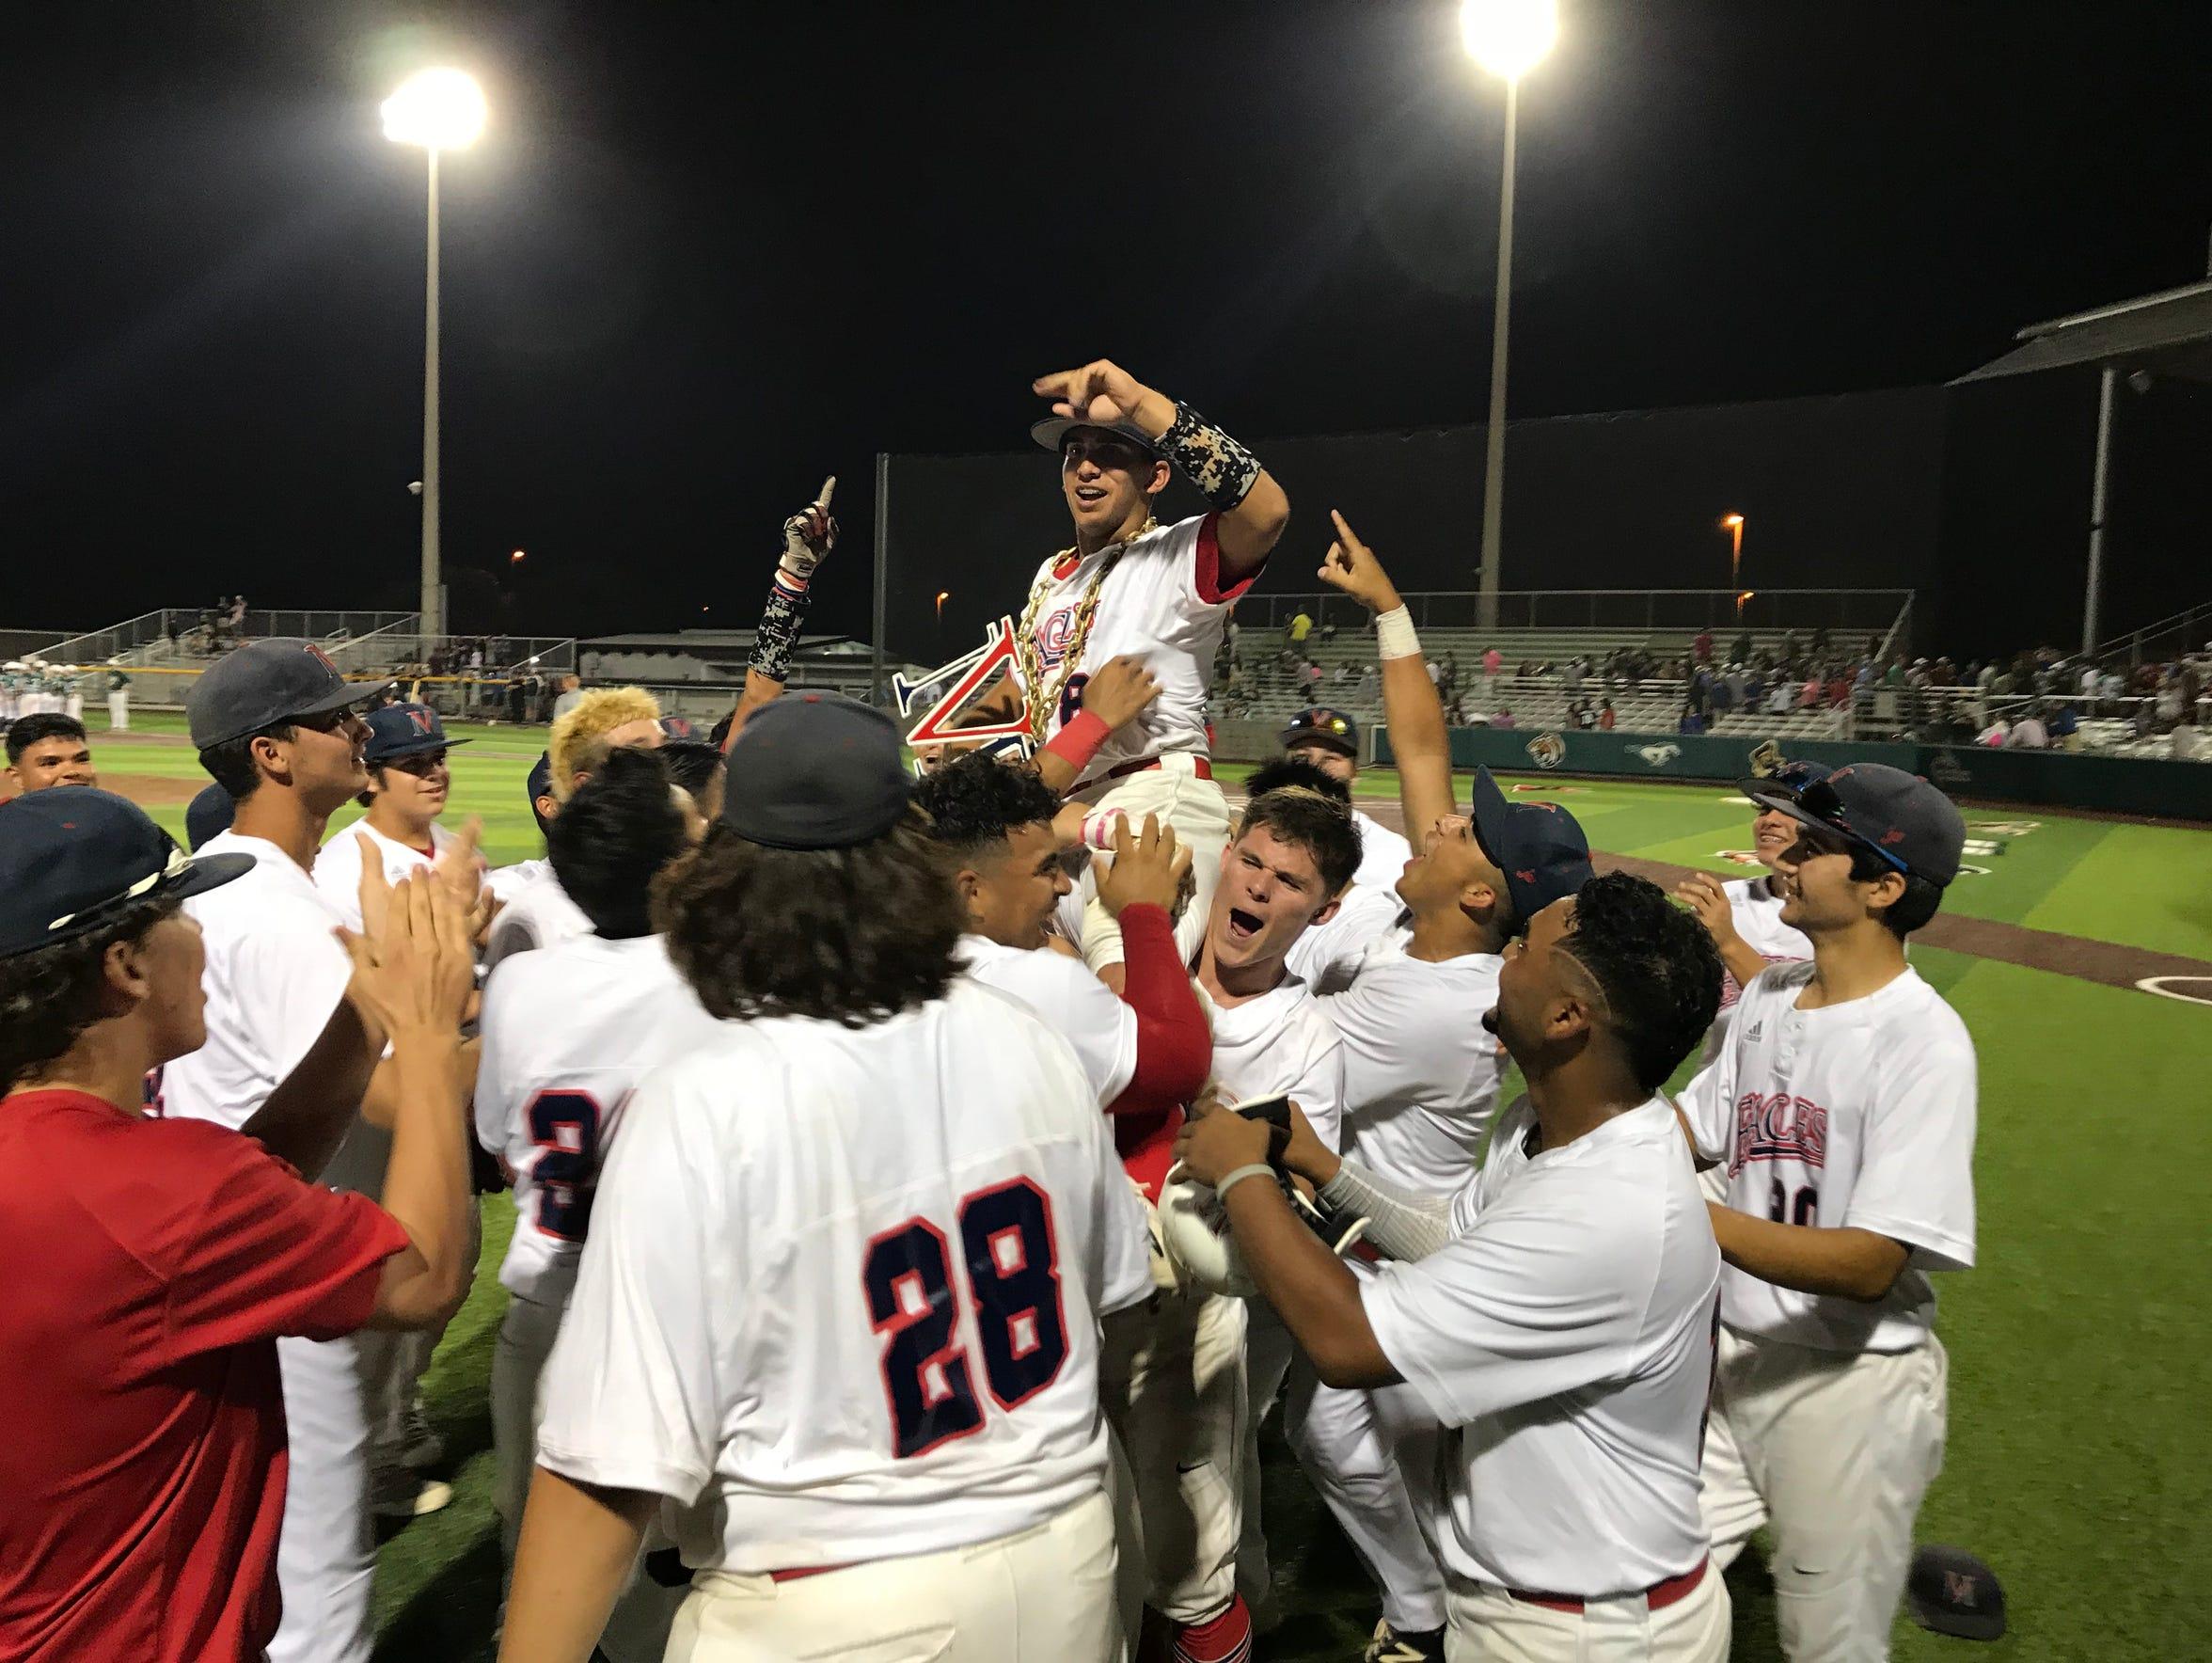 The Veterans Memorial baseball team hoists JT Zepeda